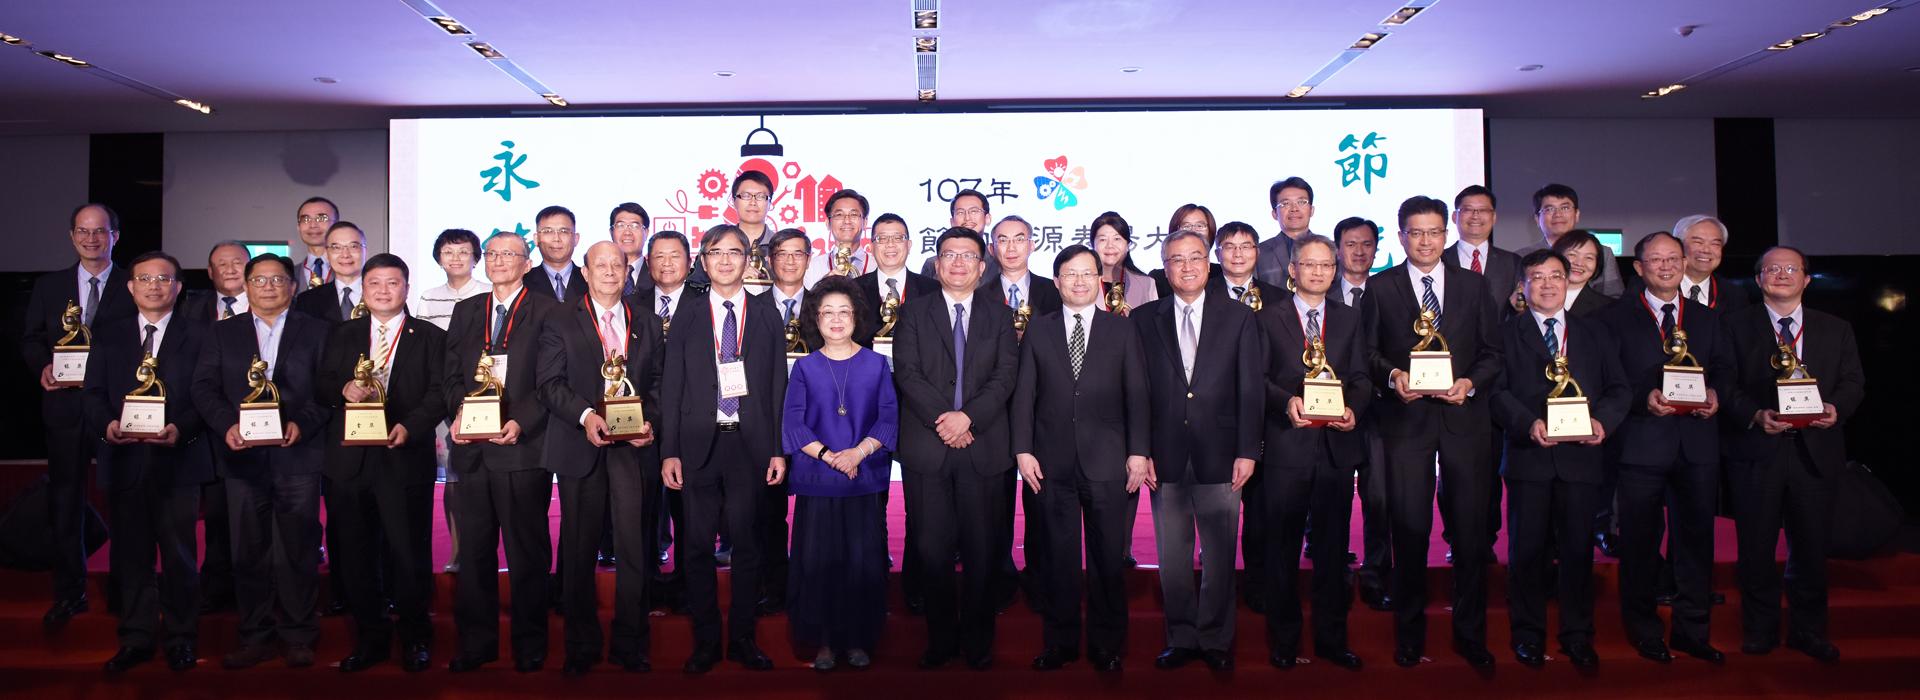 節能標竿 永續傳承 卓越25 臺灣能源發展新未來